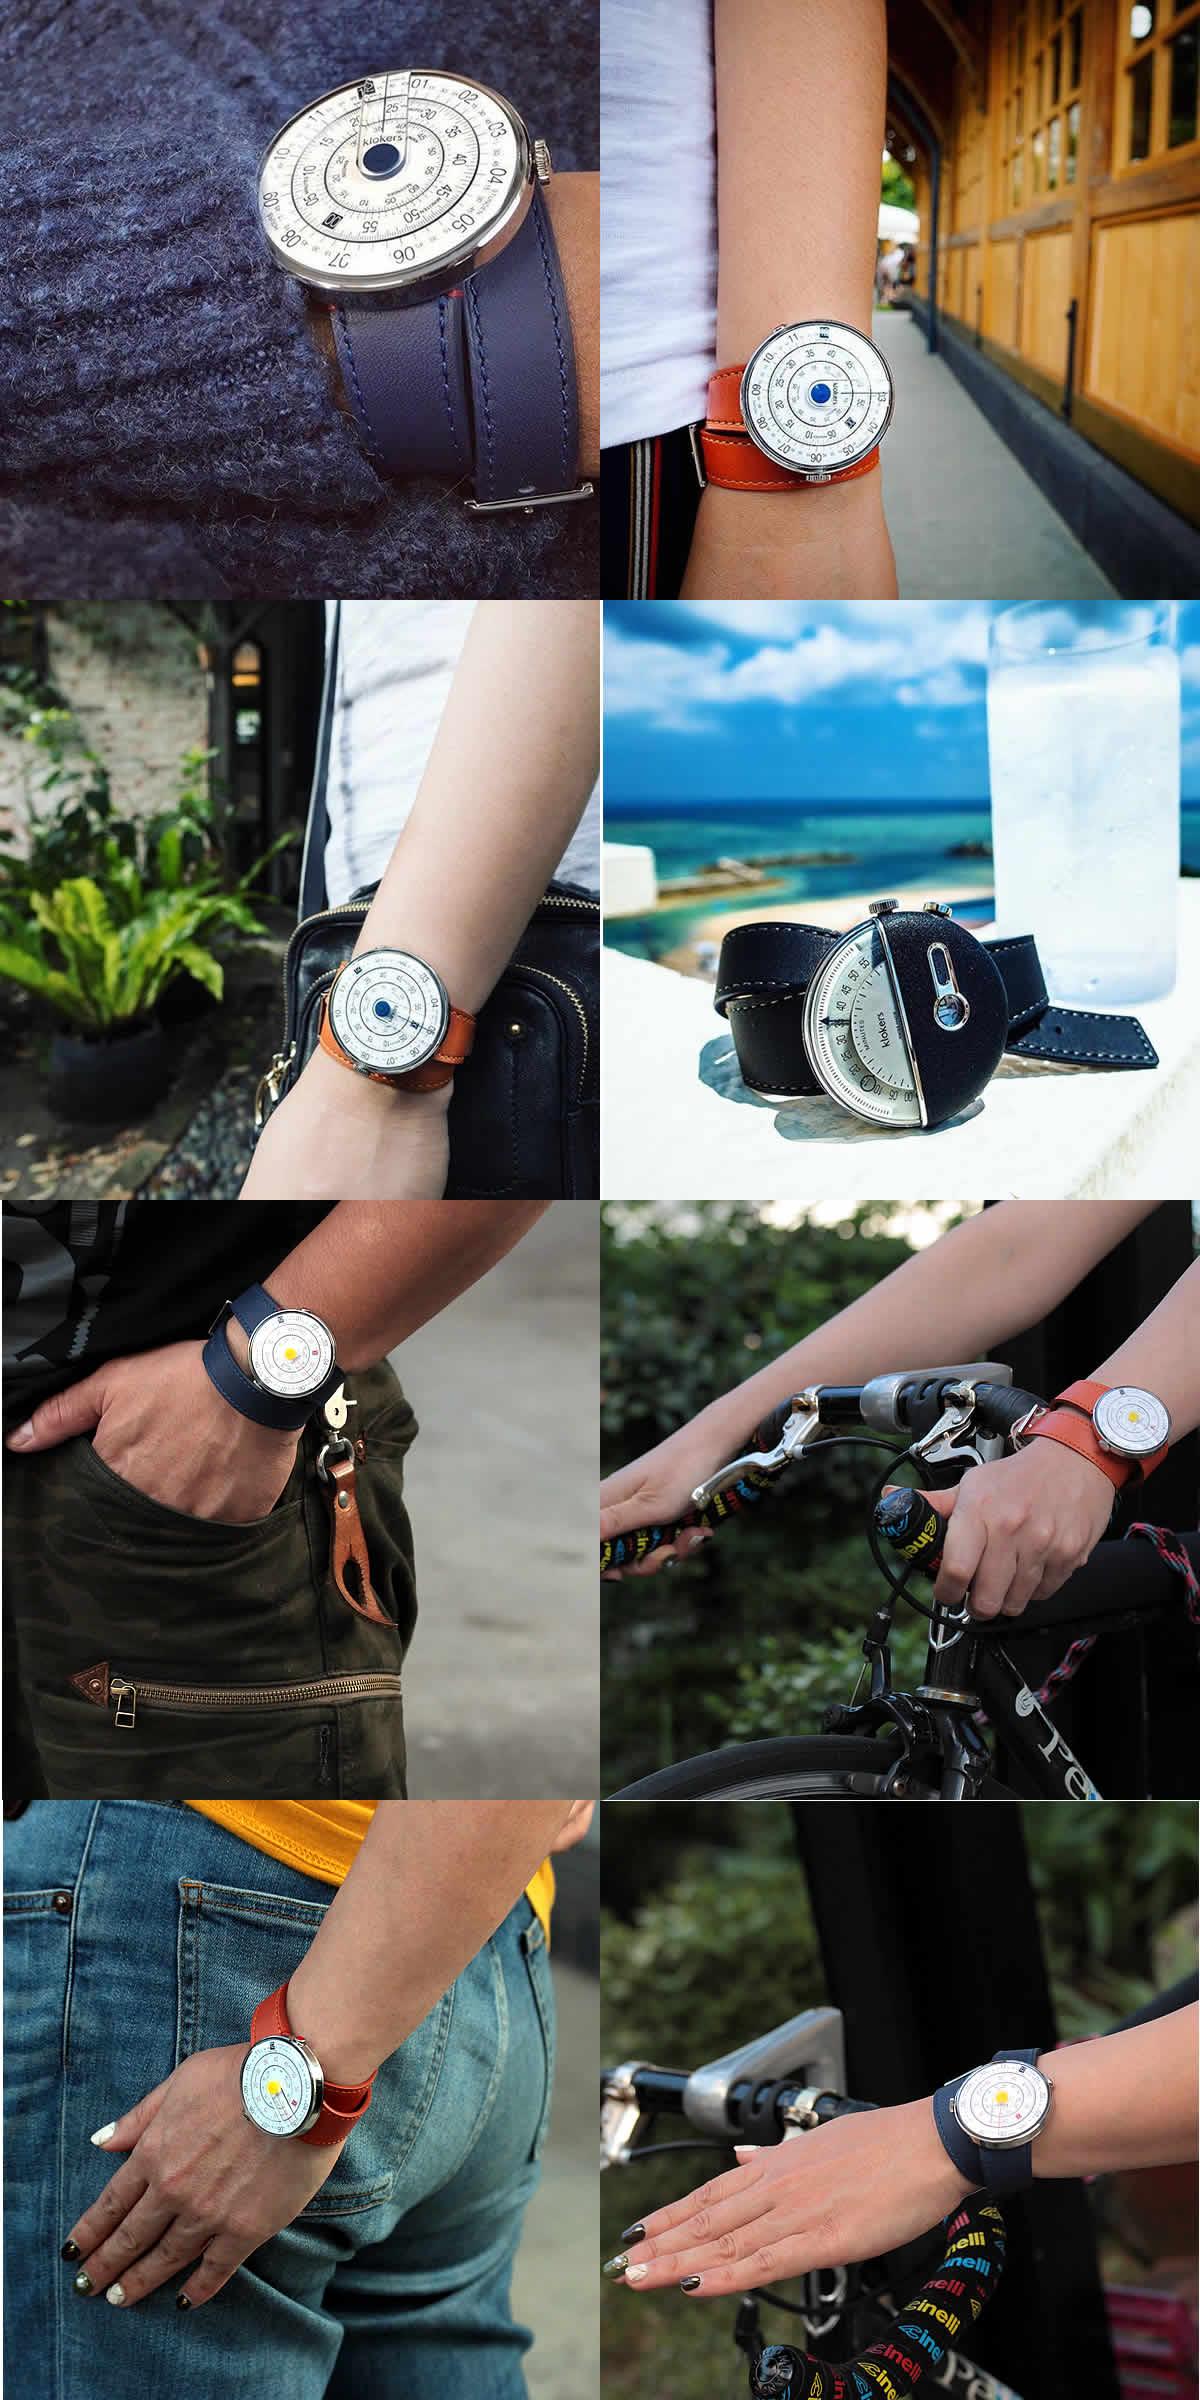 回転式ディクス型腕時計